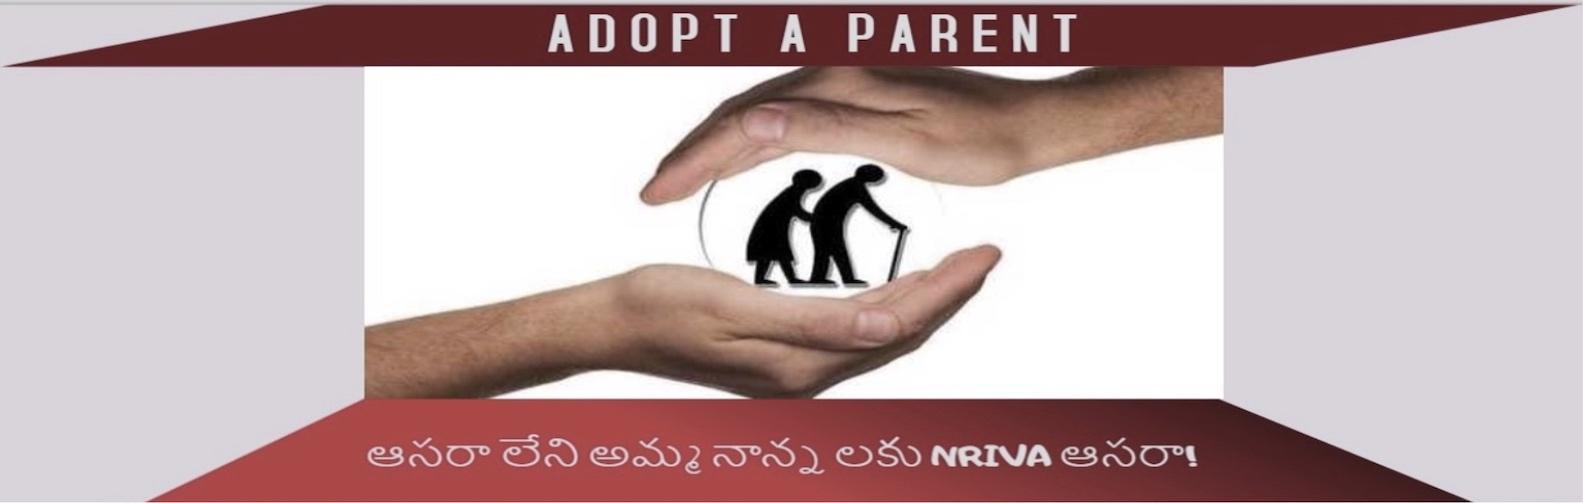 AdoptAParent